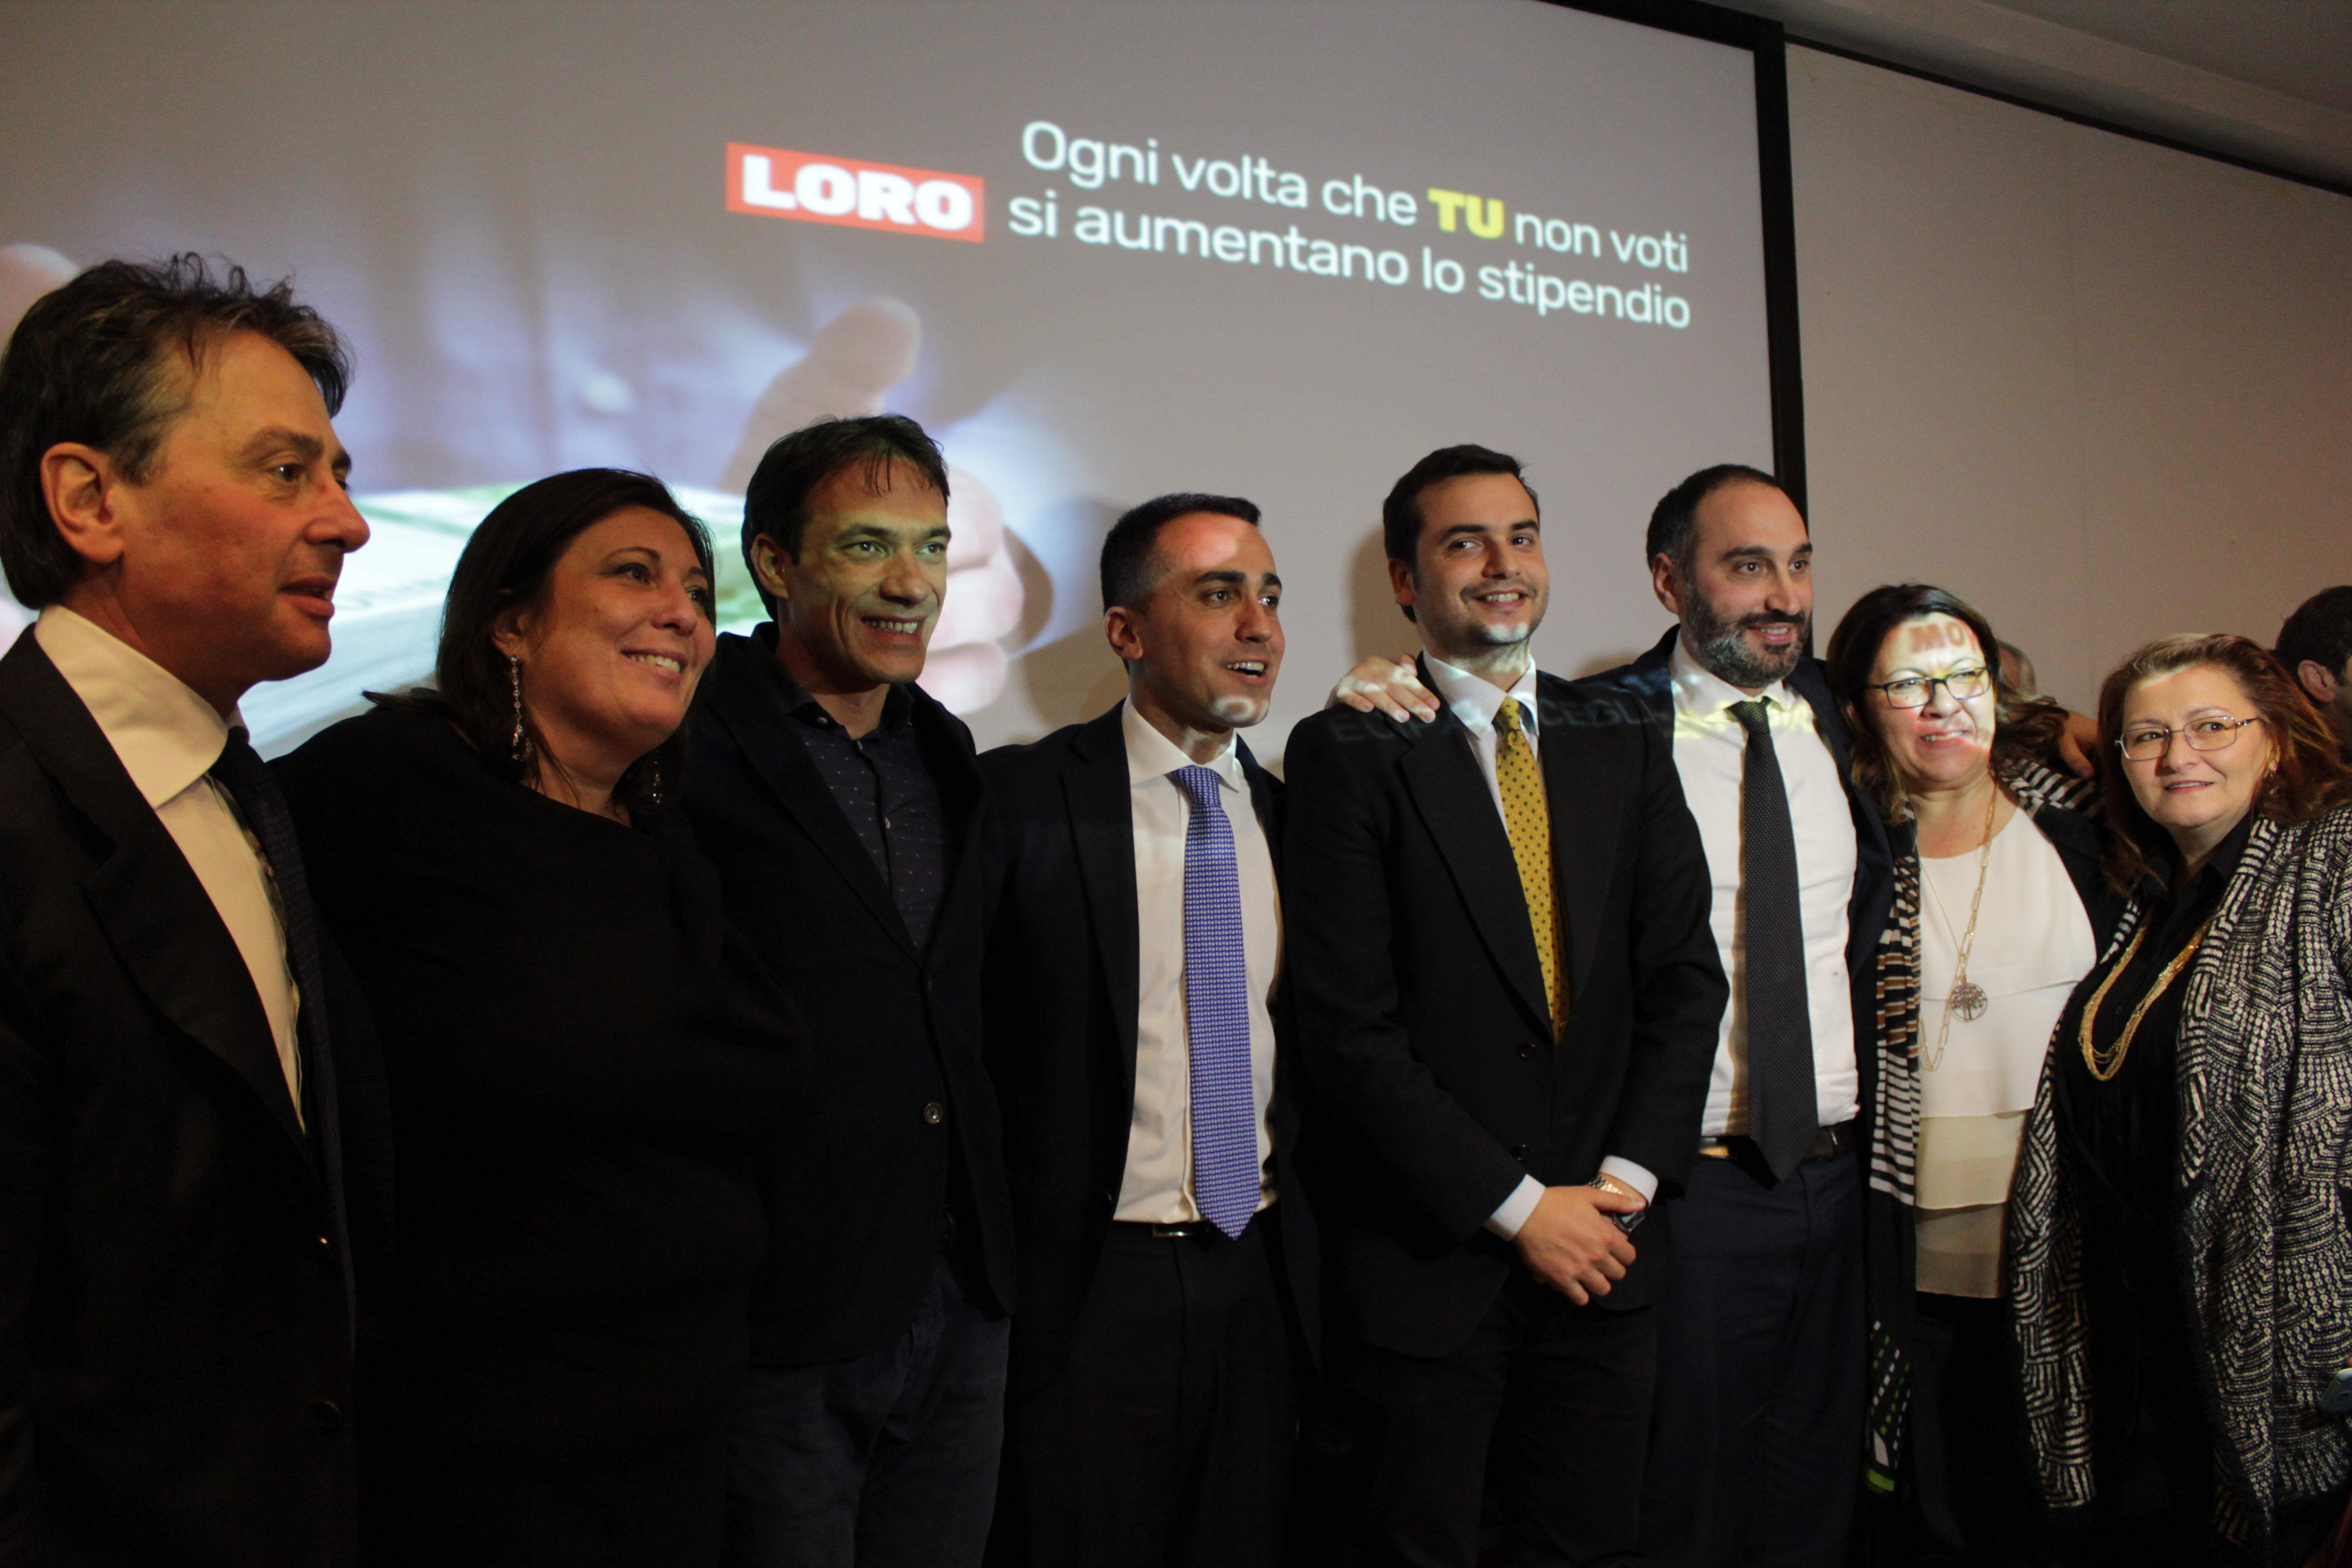 Politiche 2018, chiusura campagna elettorale M5Stelle. Da Benevento ad Ariano Irpino, passando per Avellino